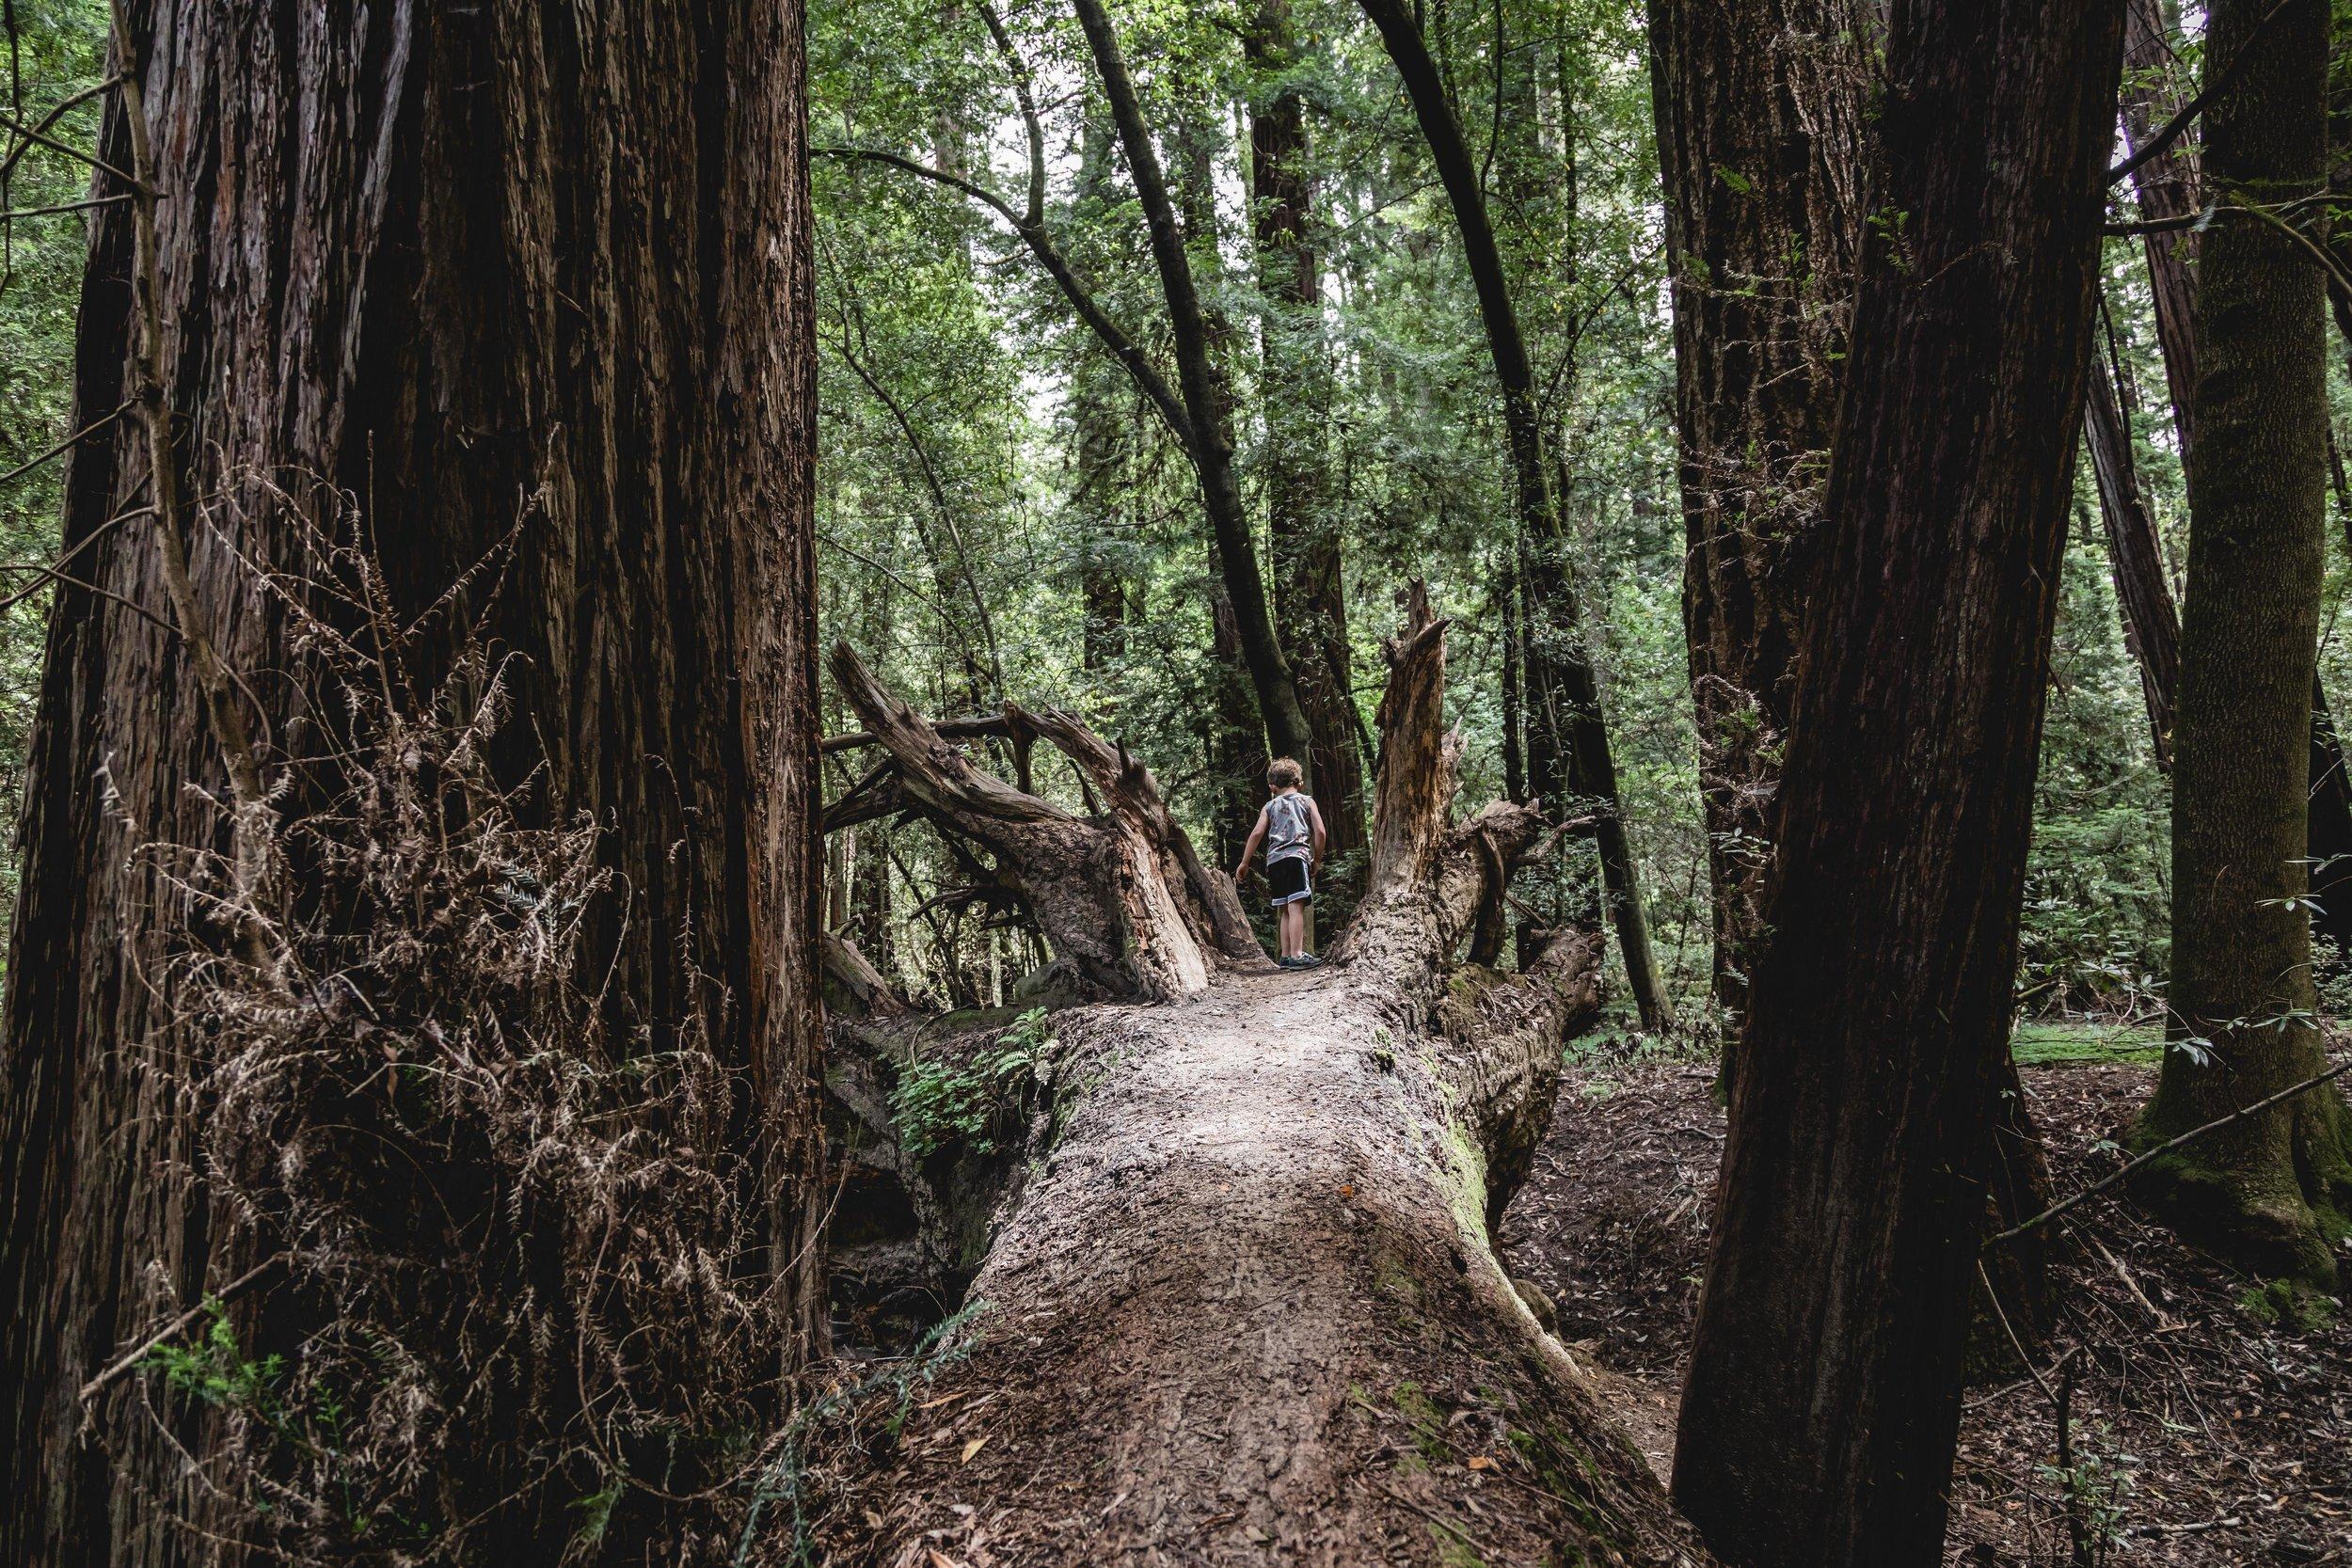 redwoods06-01-19-1728.JPG